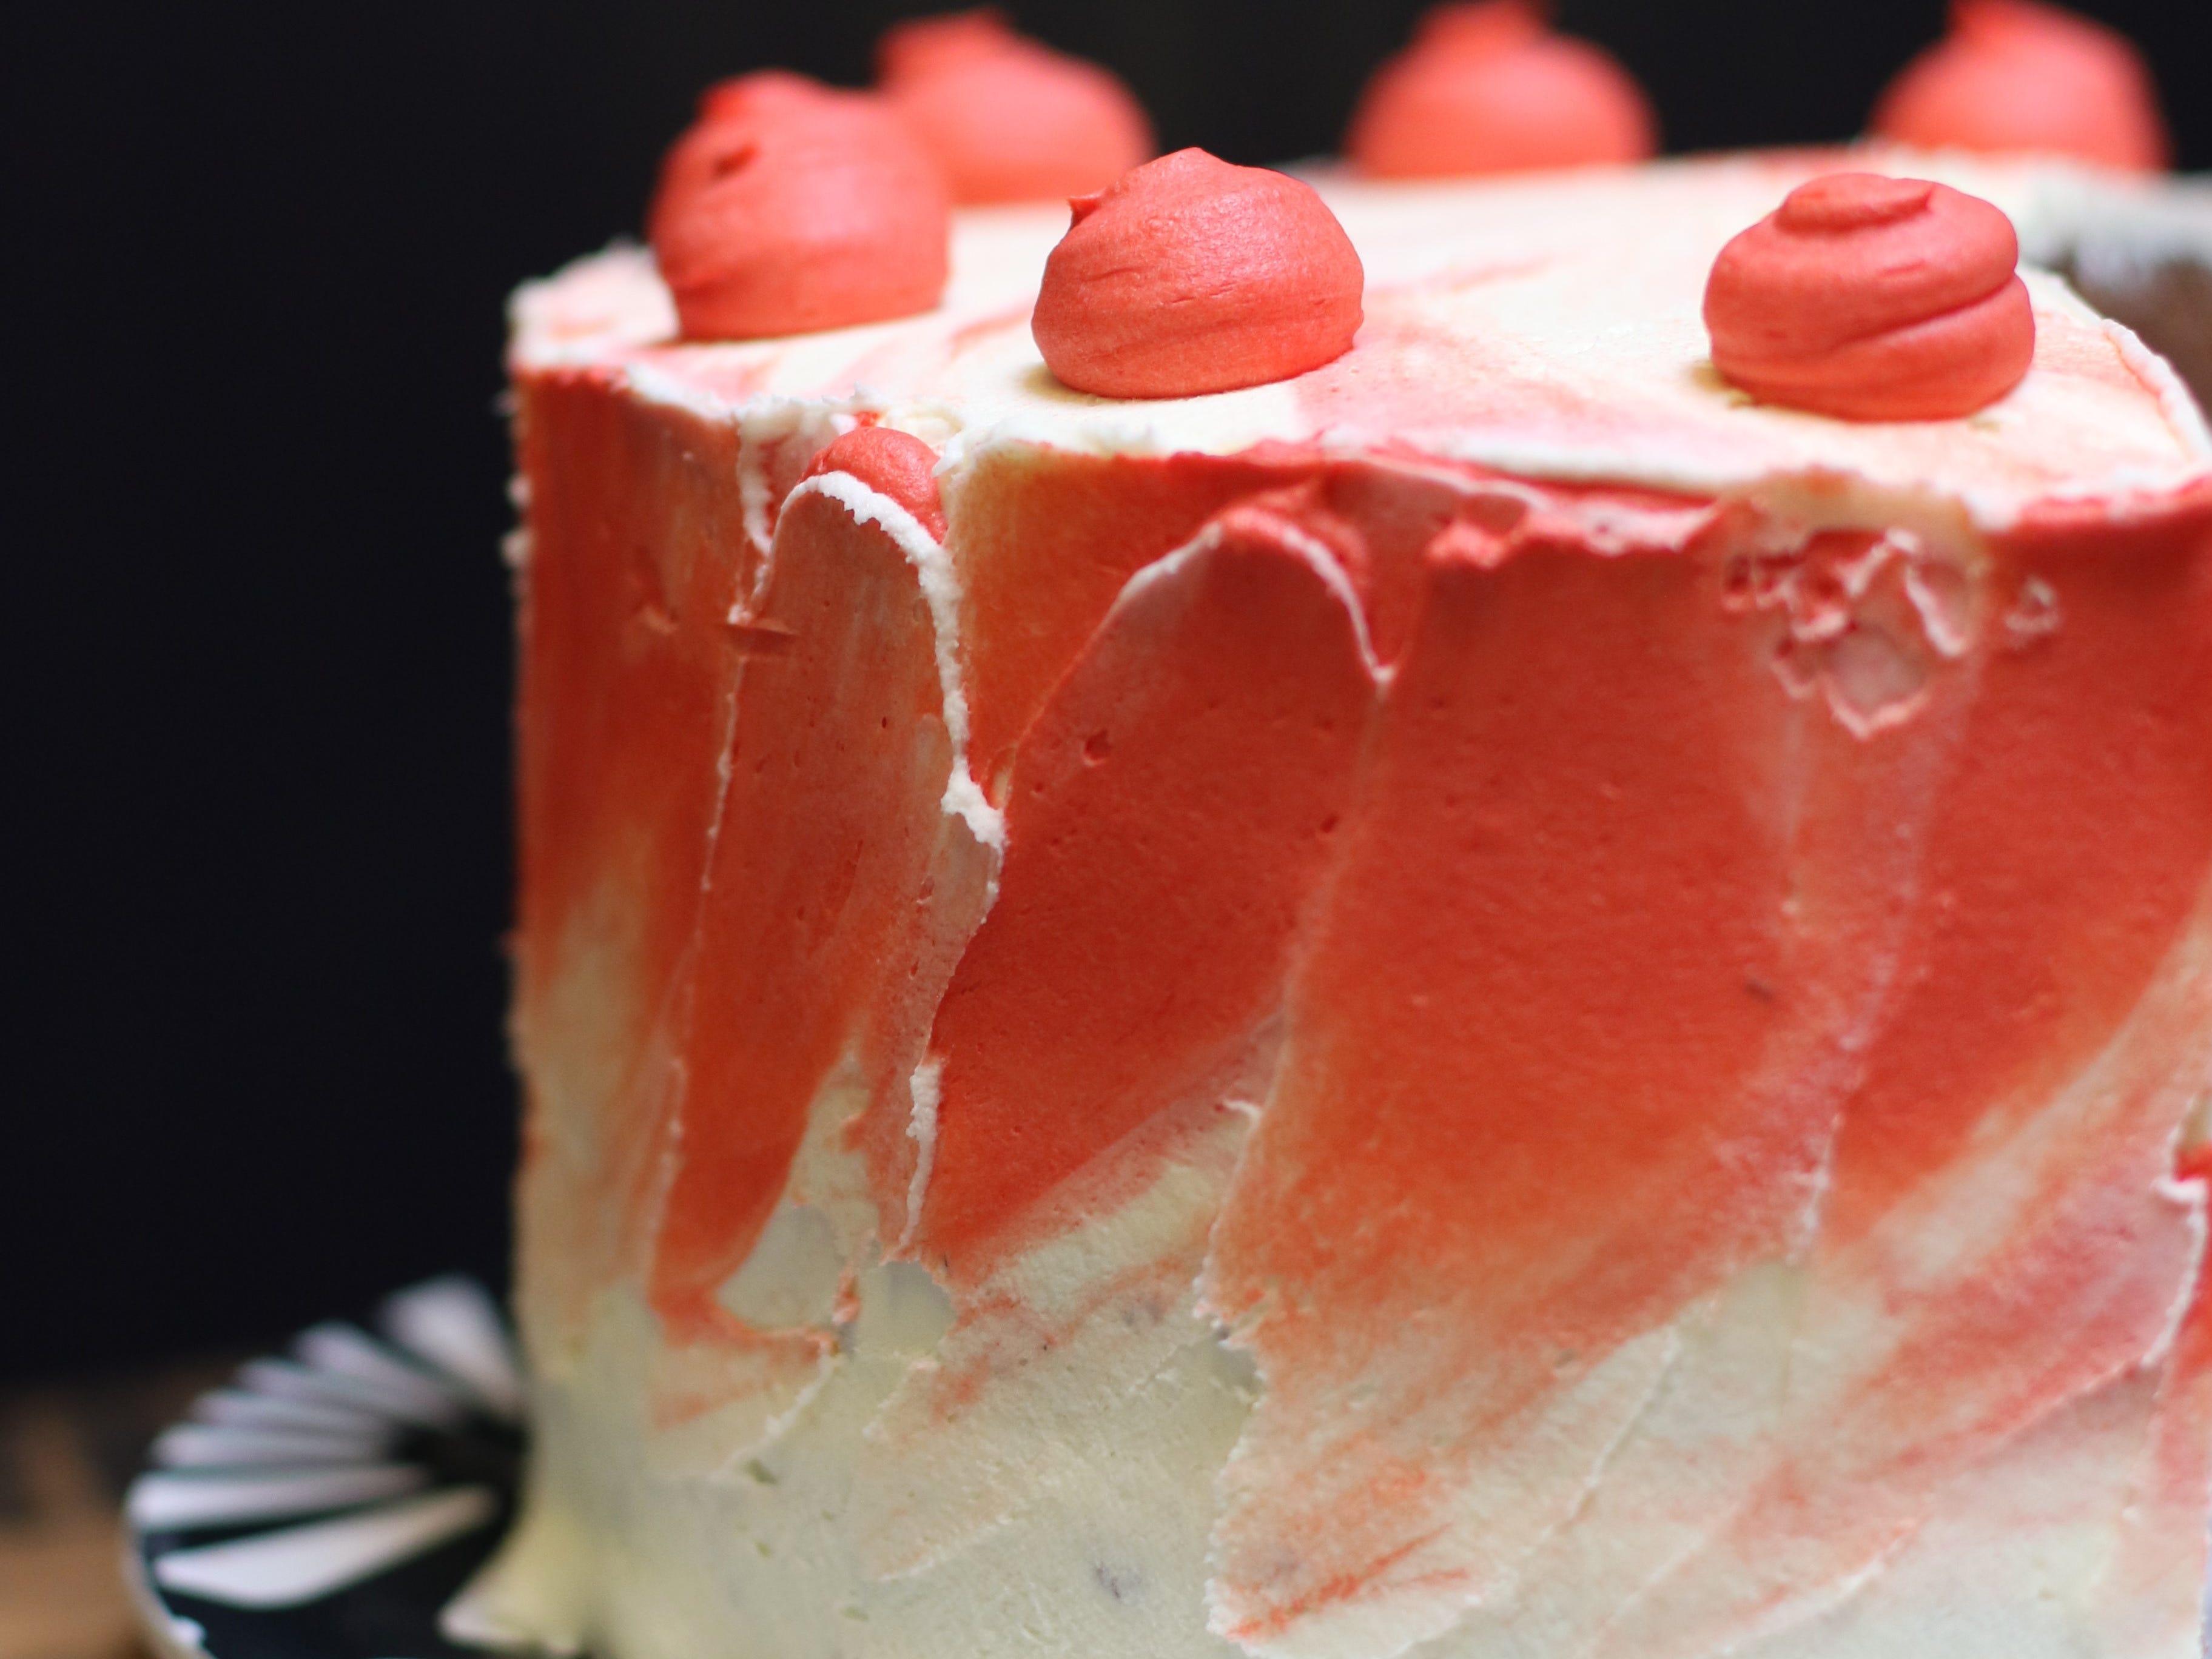 Grandma Ann's Red Velvet cake at Sweetsmith Salem.